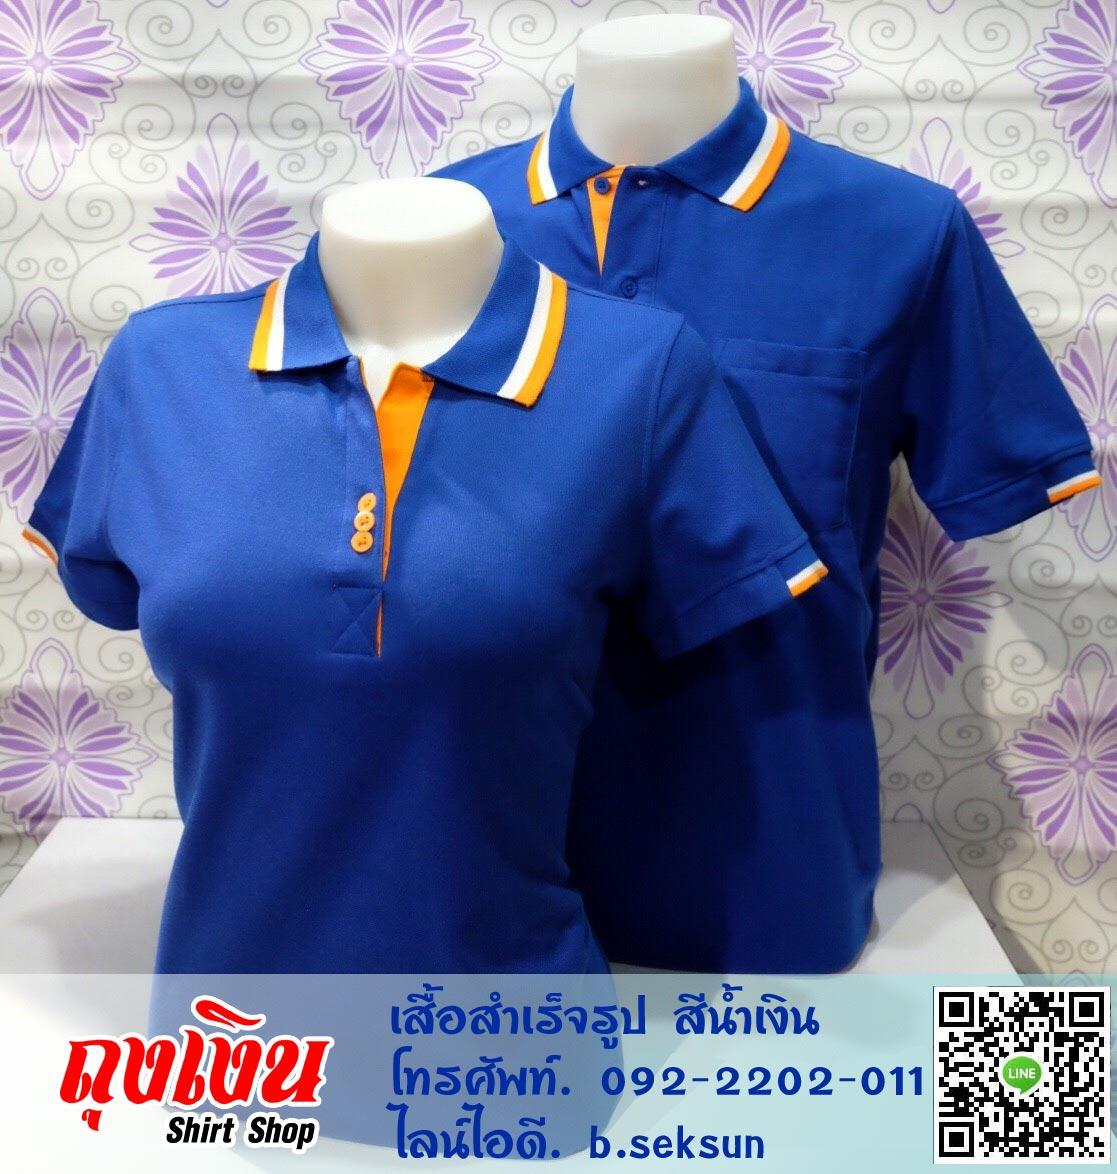 เสื้อโปโลสำเร็จรูป สีน้ำเงิน เนื้อผ้า TK สวมใส่สบาย ราคาเบาๆ พร้อมส่งทั่วโลก